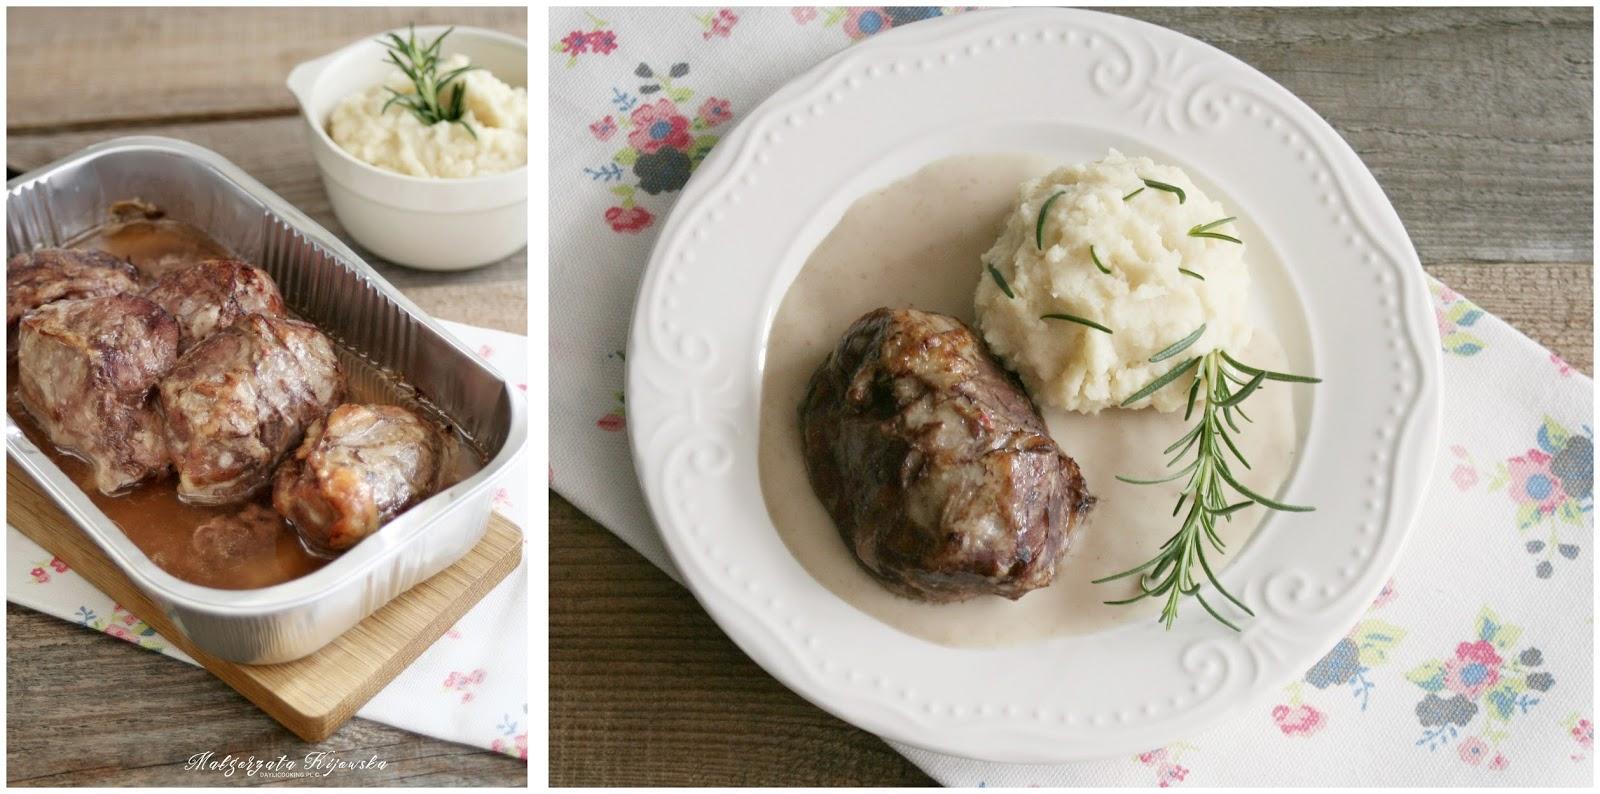 sous vide, mięso wolno gotowane, policzki, daylicooking, wykwintny obiad, szybki obiad, puree, pietruszka, rozmaryn